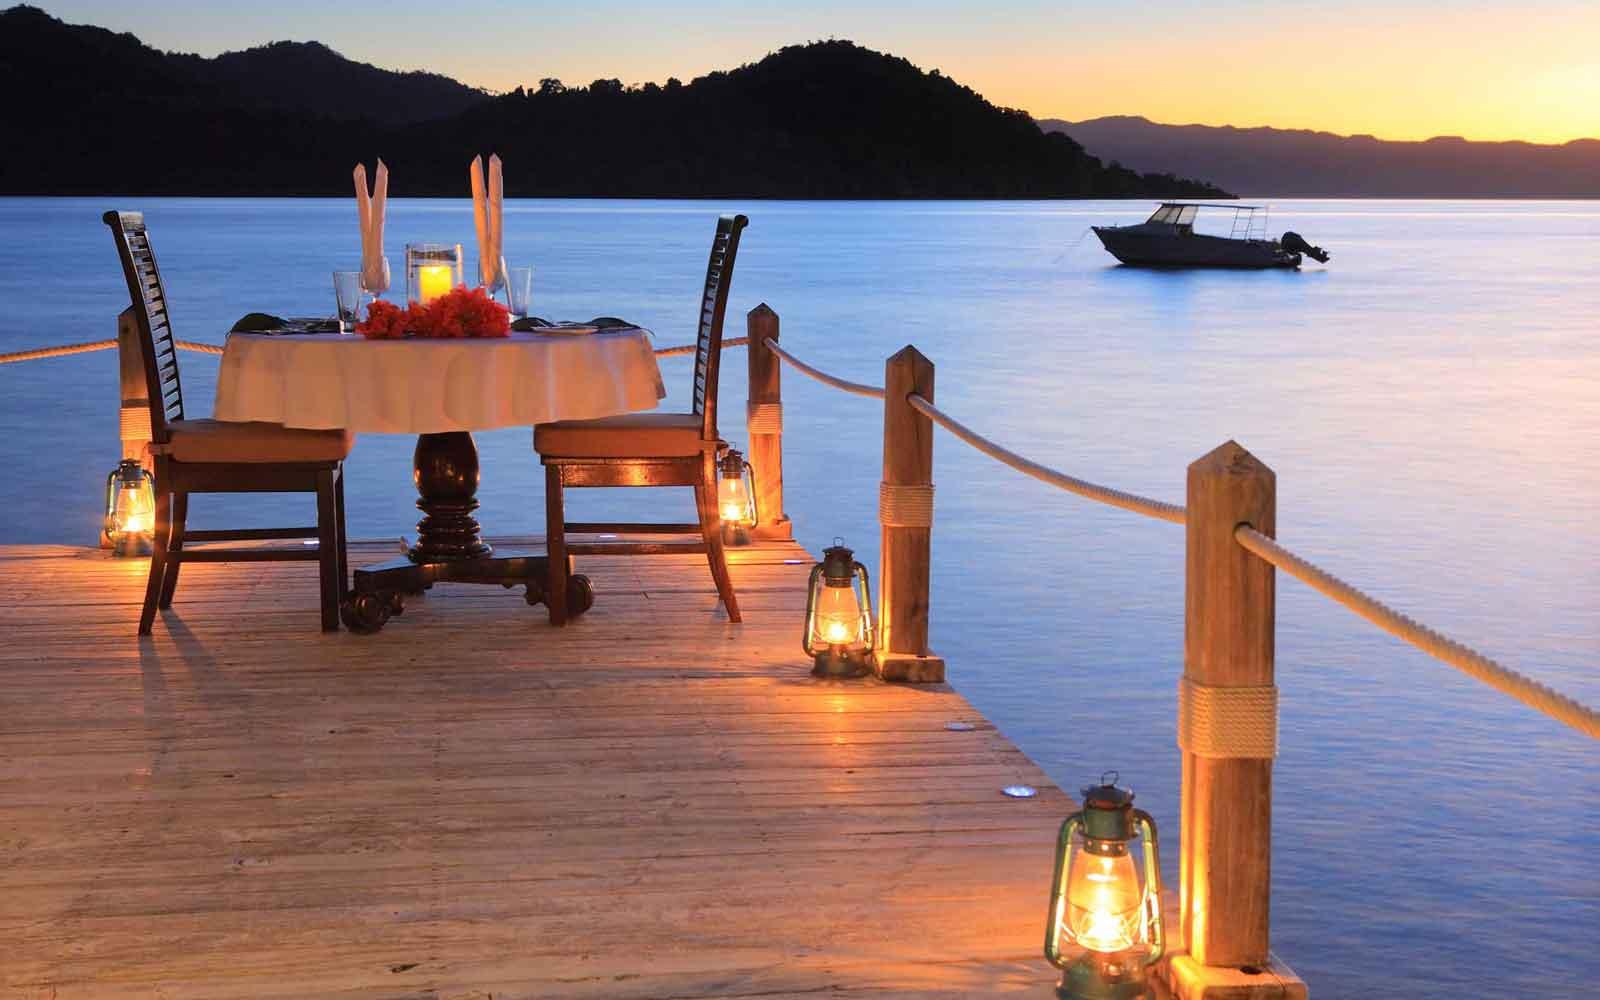 © Matangi Private Island Resort